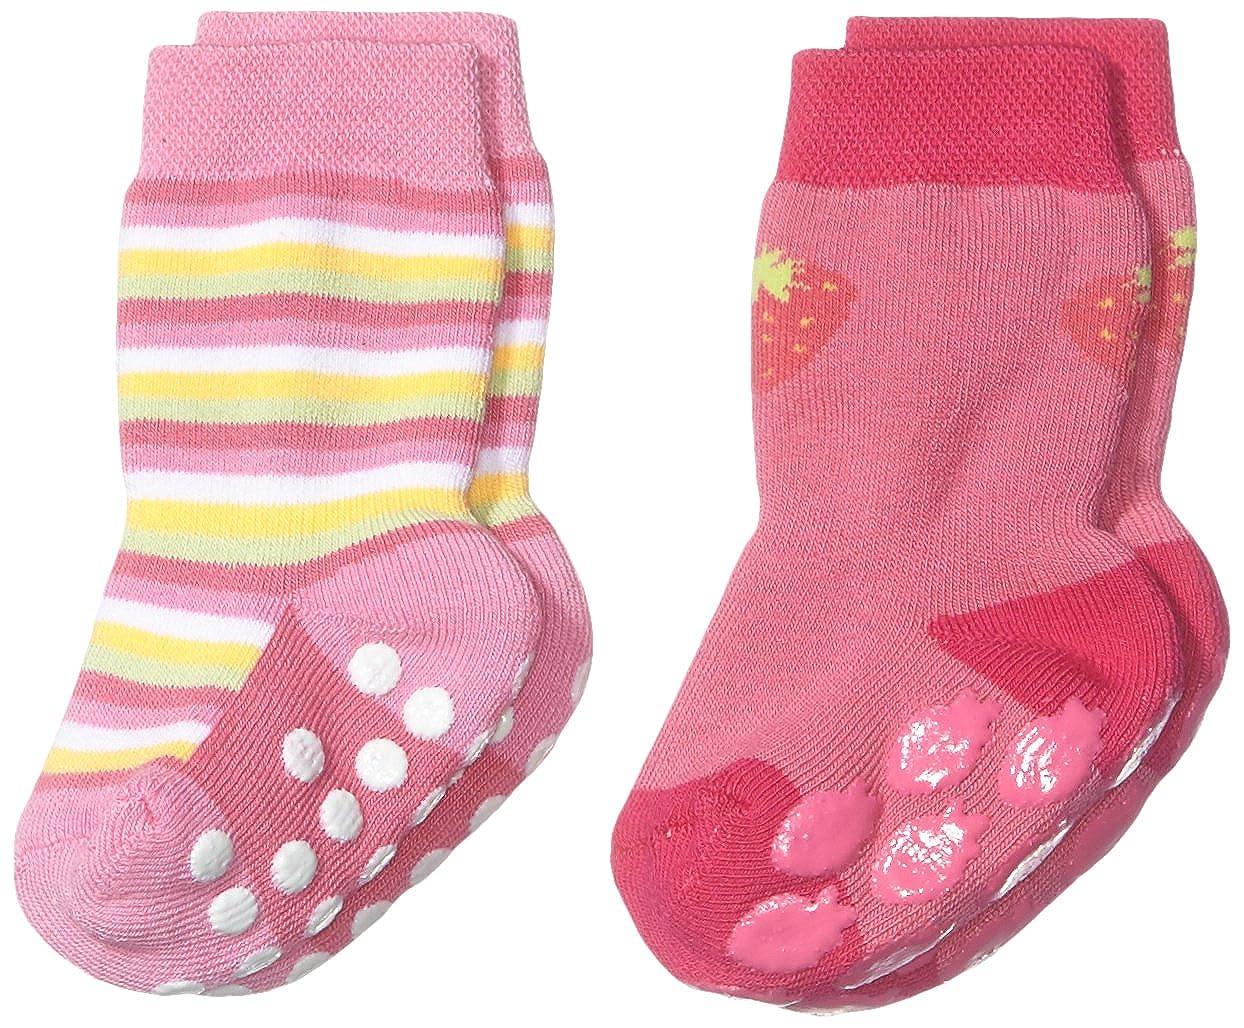 Twins Baby - Mädchen ABS Socken im 2er Pack Rosa (pink 230) Julius Hüpeden GmbH 029121